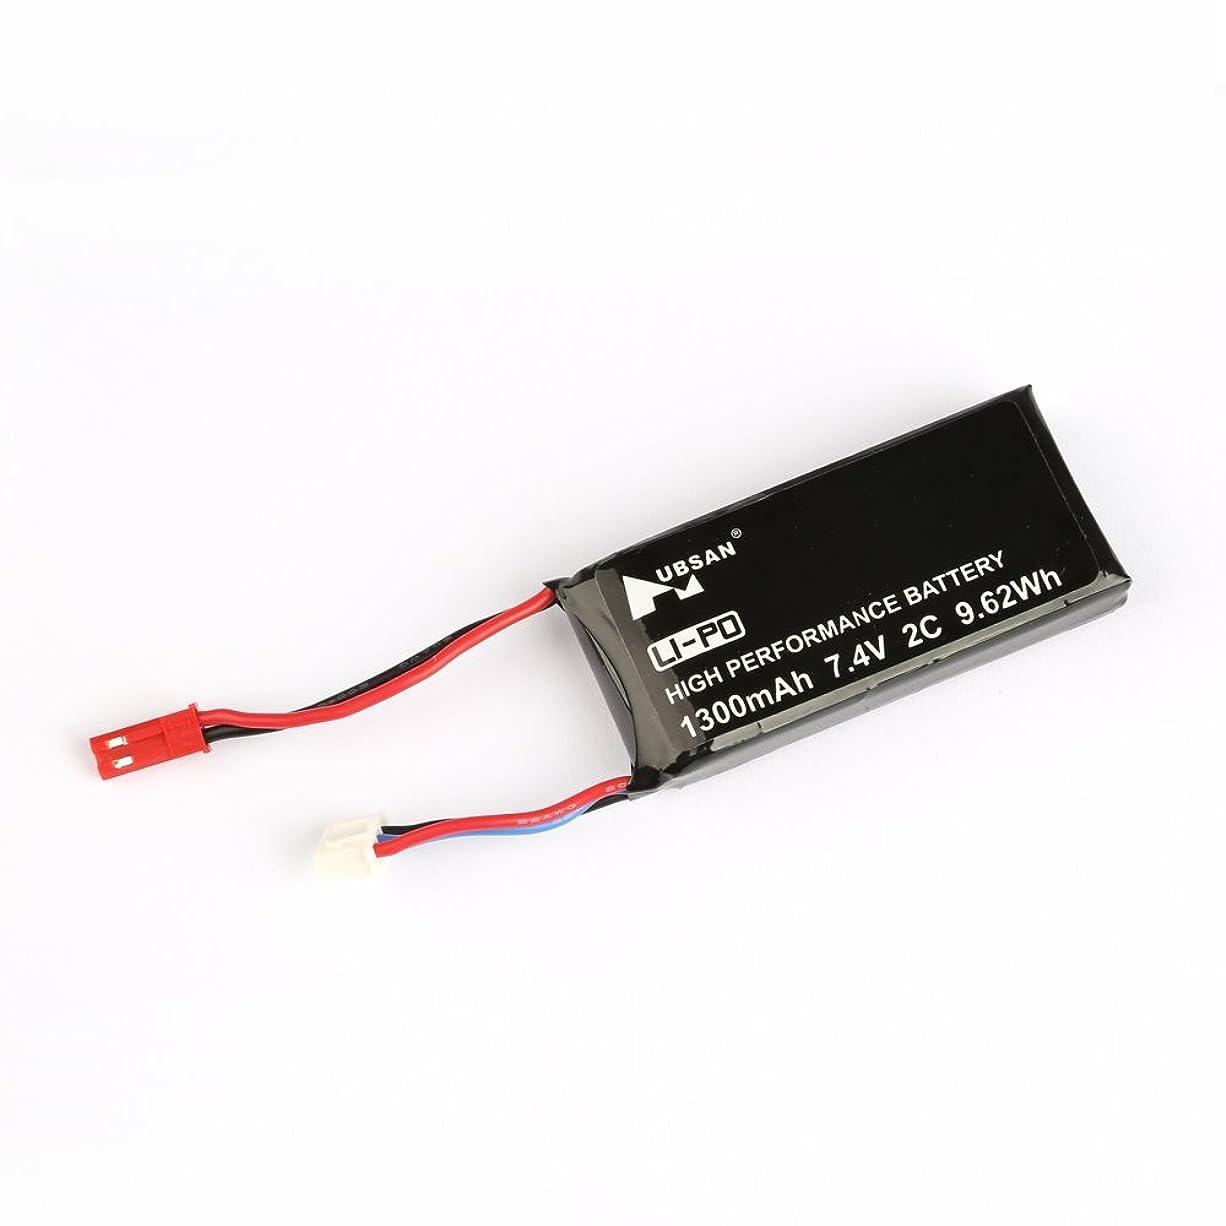 理論休日試用Hubsan H501S H502S H109S H901A 7.4V 1400mAh Lipo充電式バッテリートランスミッター